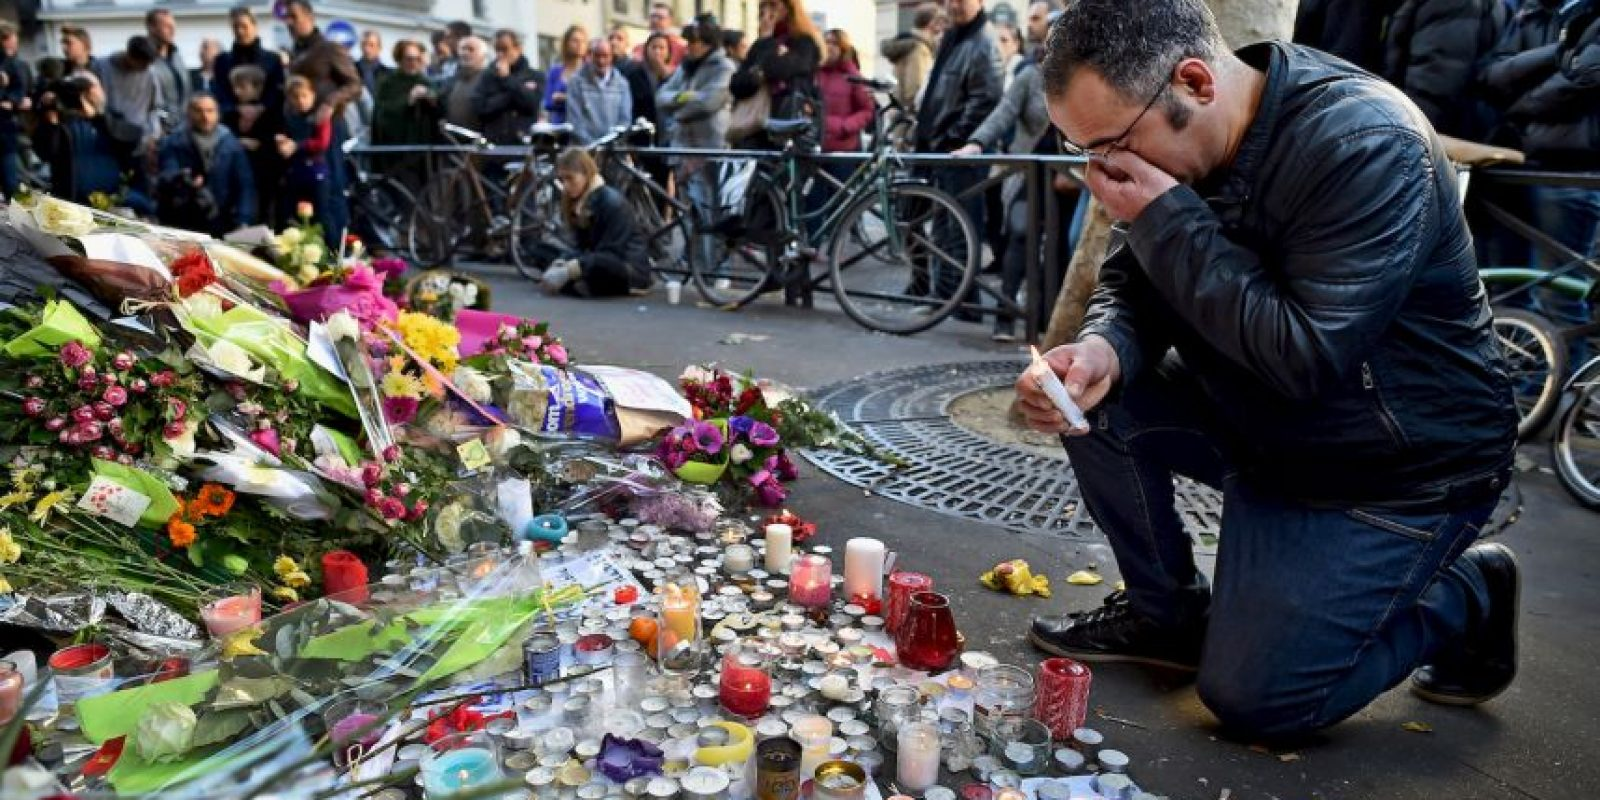 La investigación tras los atentados continúa. Foto:Getty Images